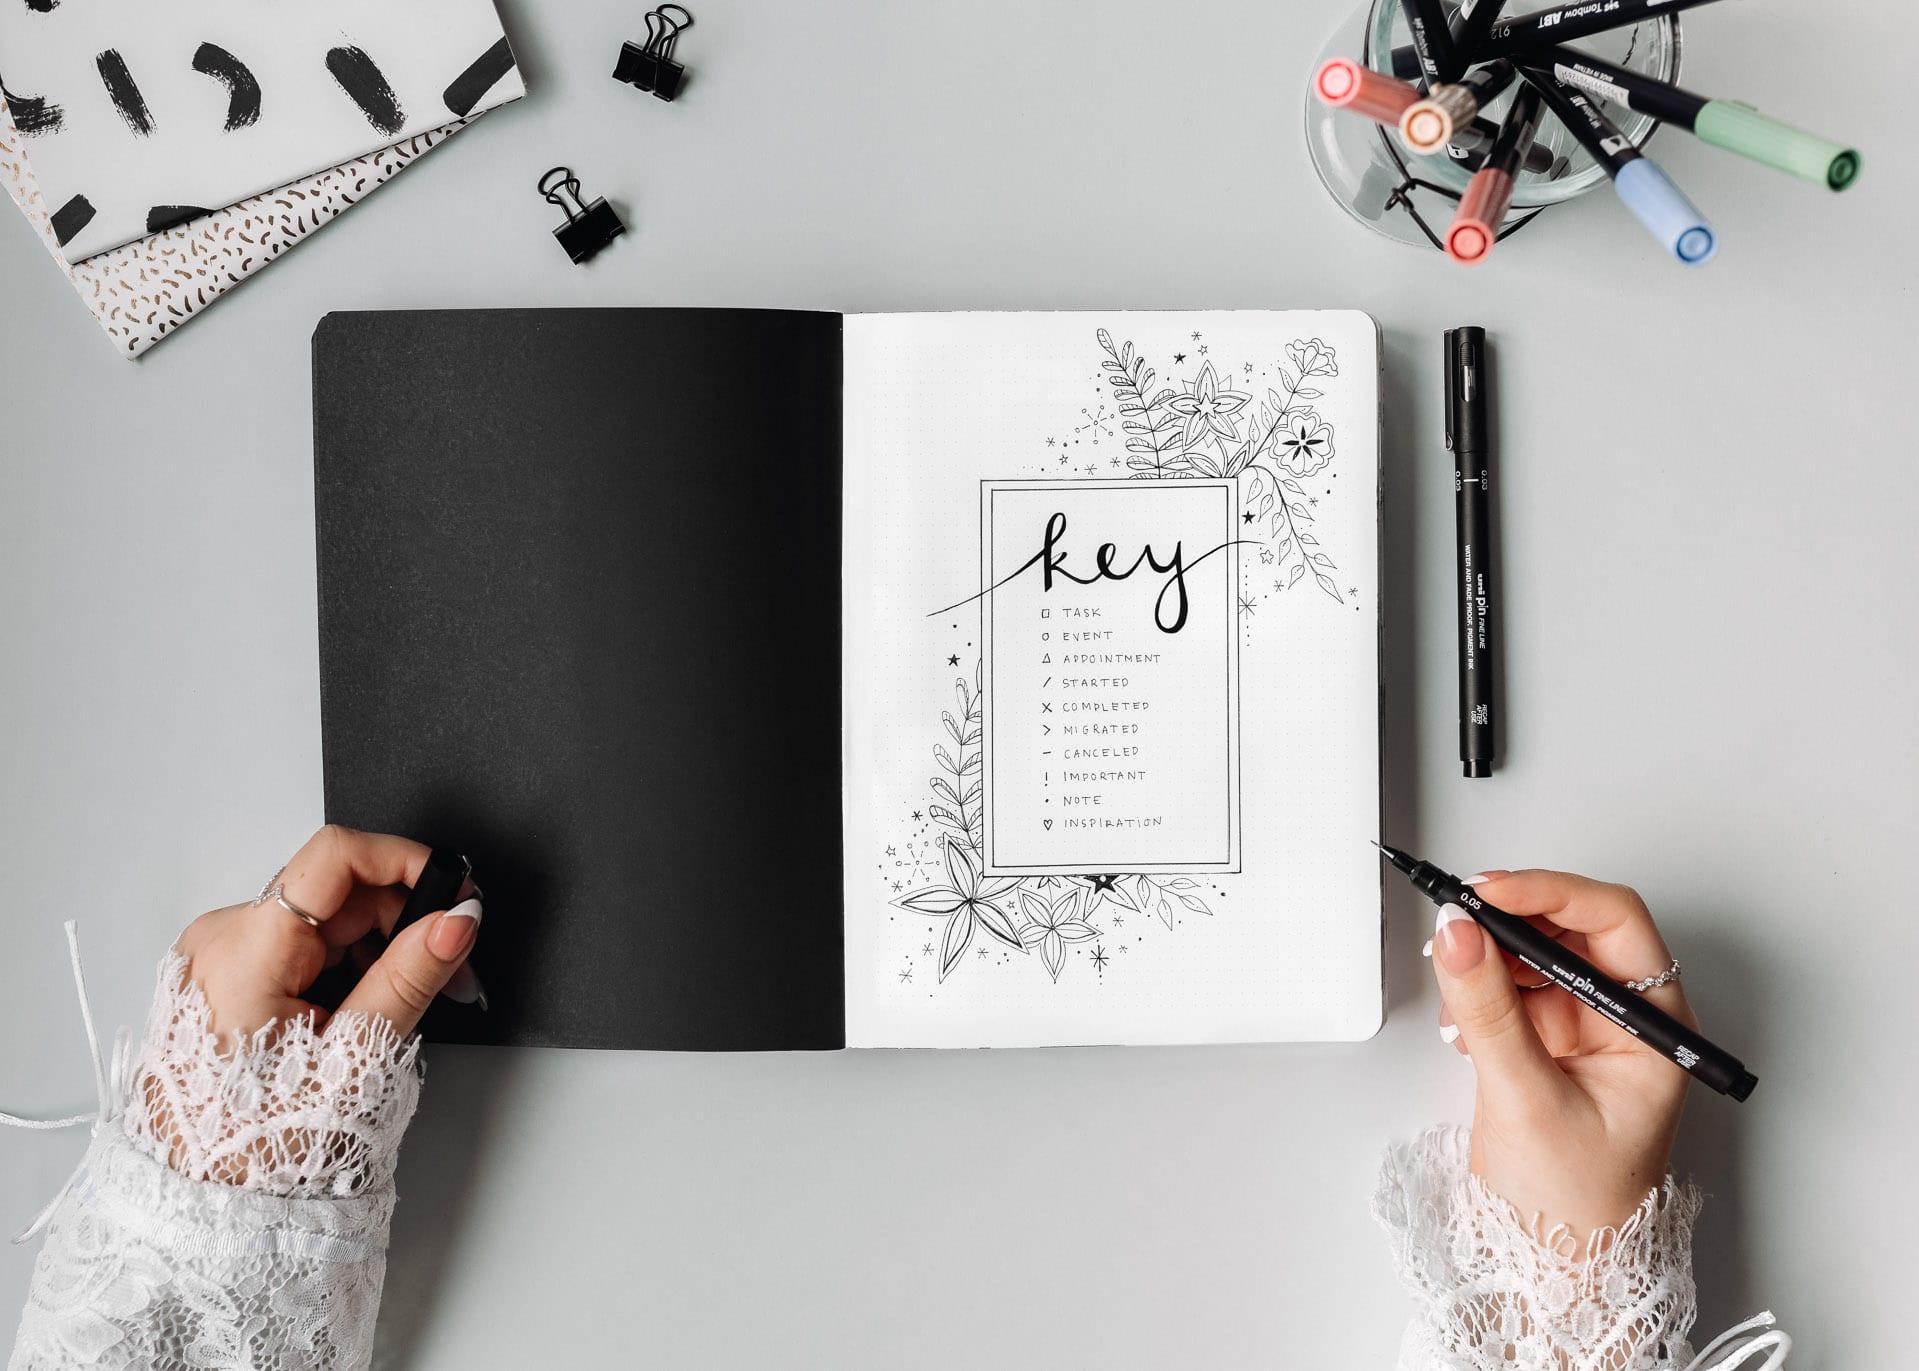 GUIDE: Starta en Bullet Journal: Så gör du i 8 enkla steg